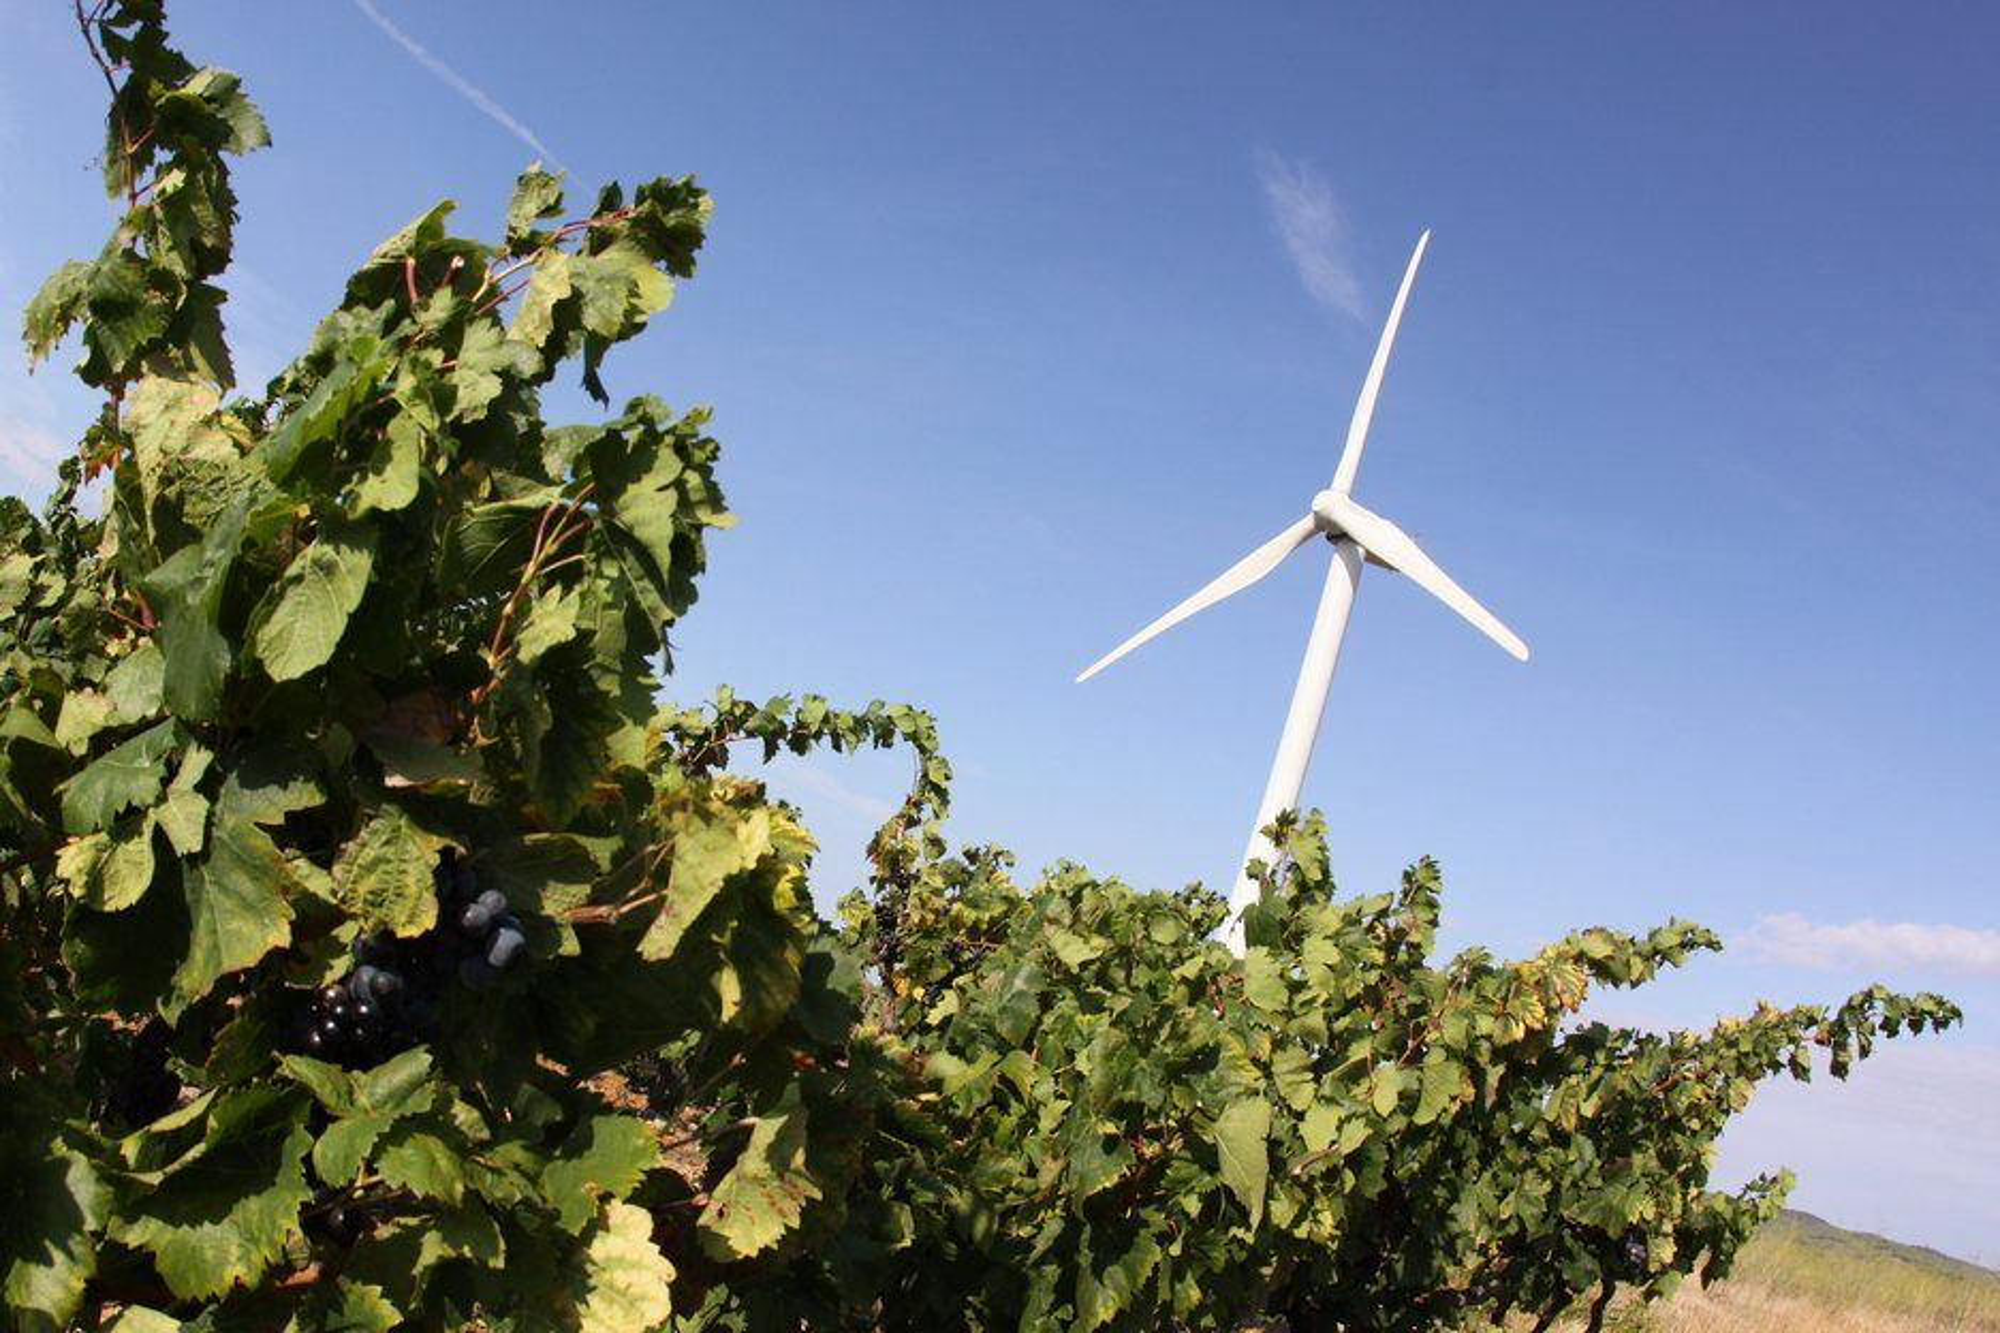 VIND: Svenske Energimyndigheten mener at en stor del av den nye fornybare kraften i Sverige vil komme fra landbasert vindkraft og er opptatt av å forhindre flaskehalser